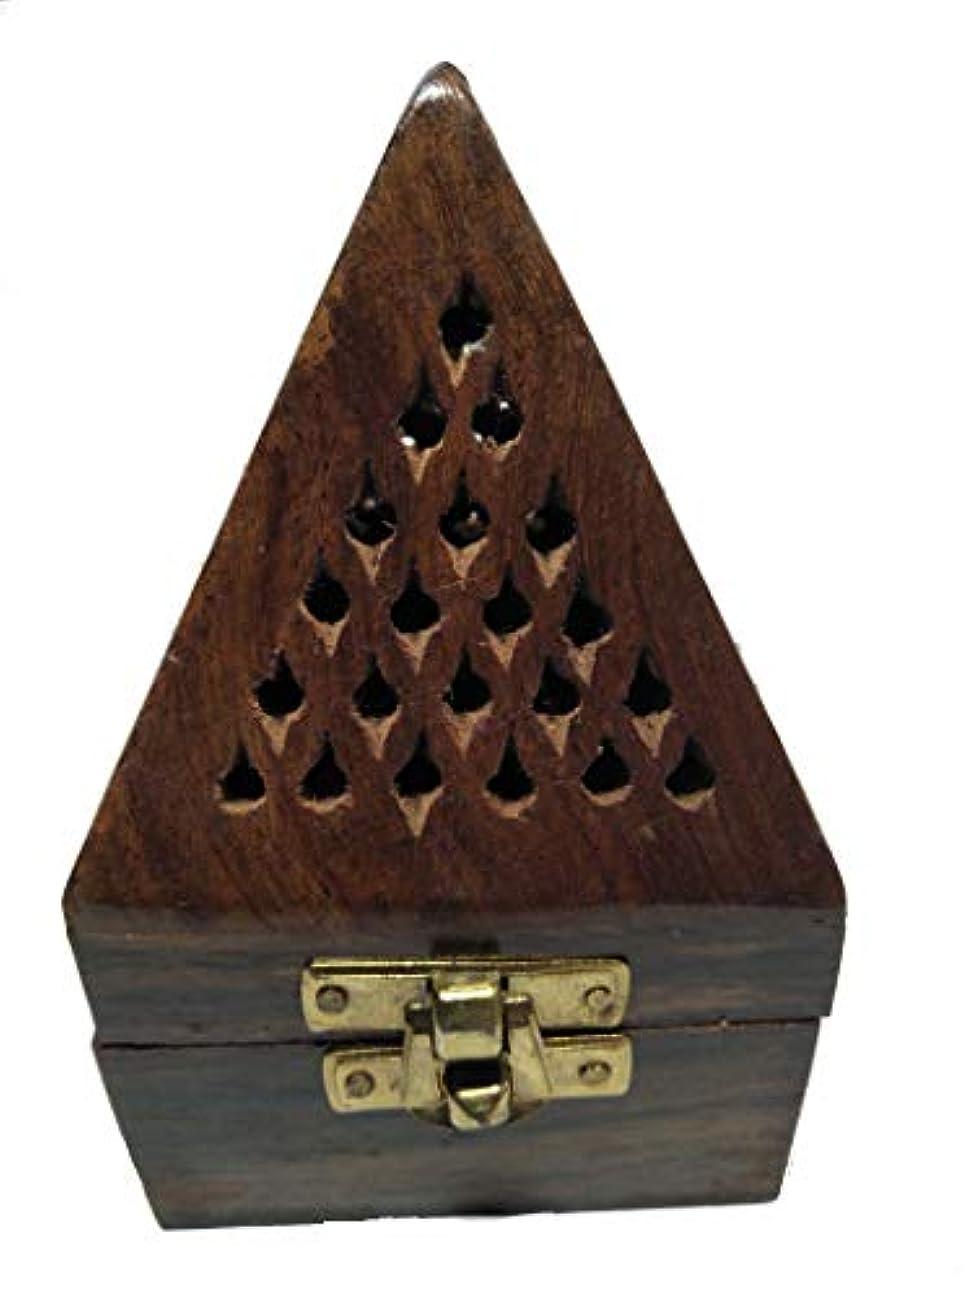 バレエロゴ賞賛するクリスマスプレゼント、木製ピラミッド形状Burner、Dhoopホルダーwith Base正方形とトップ円錐形状Dhoopホルダー